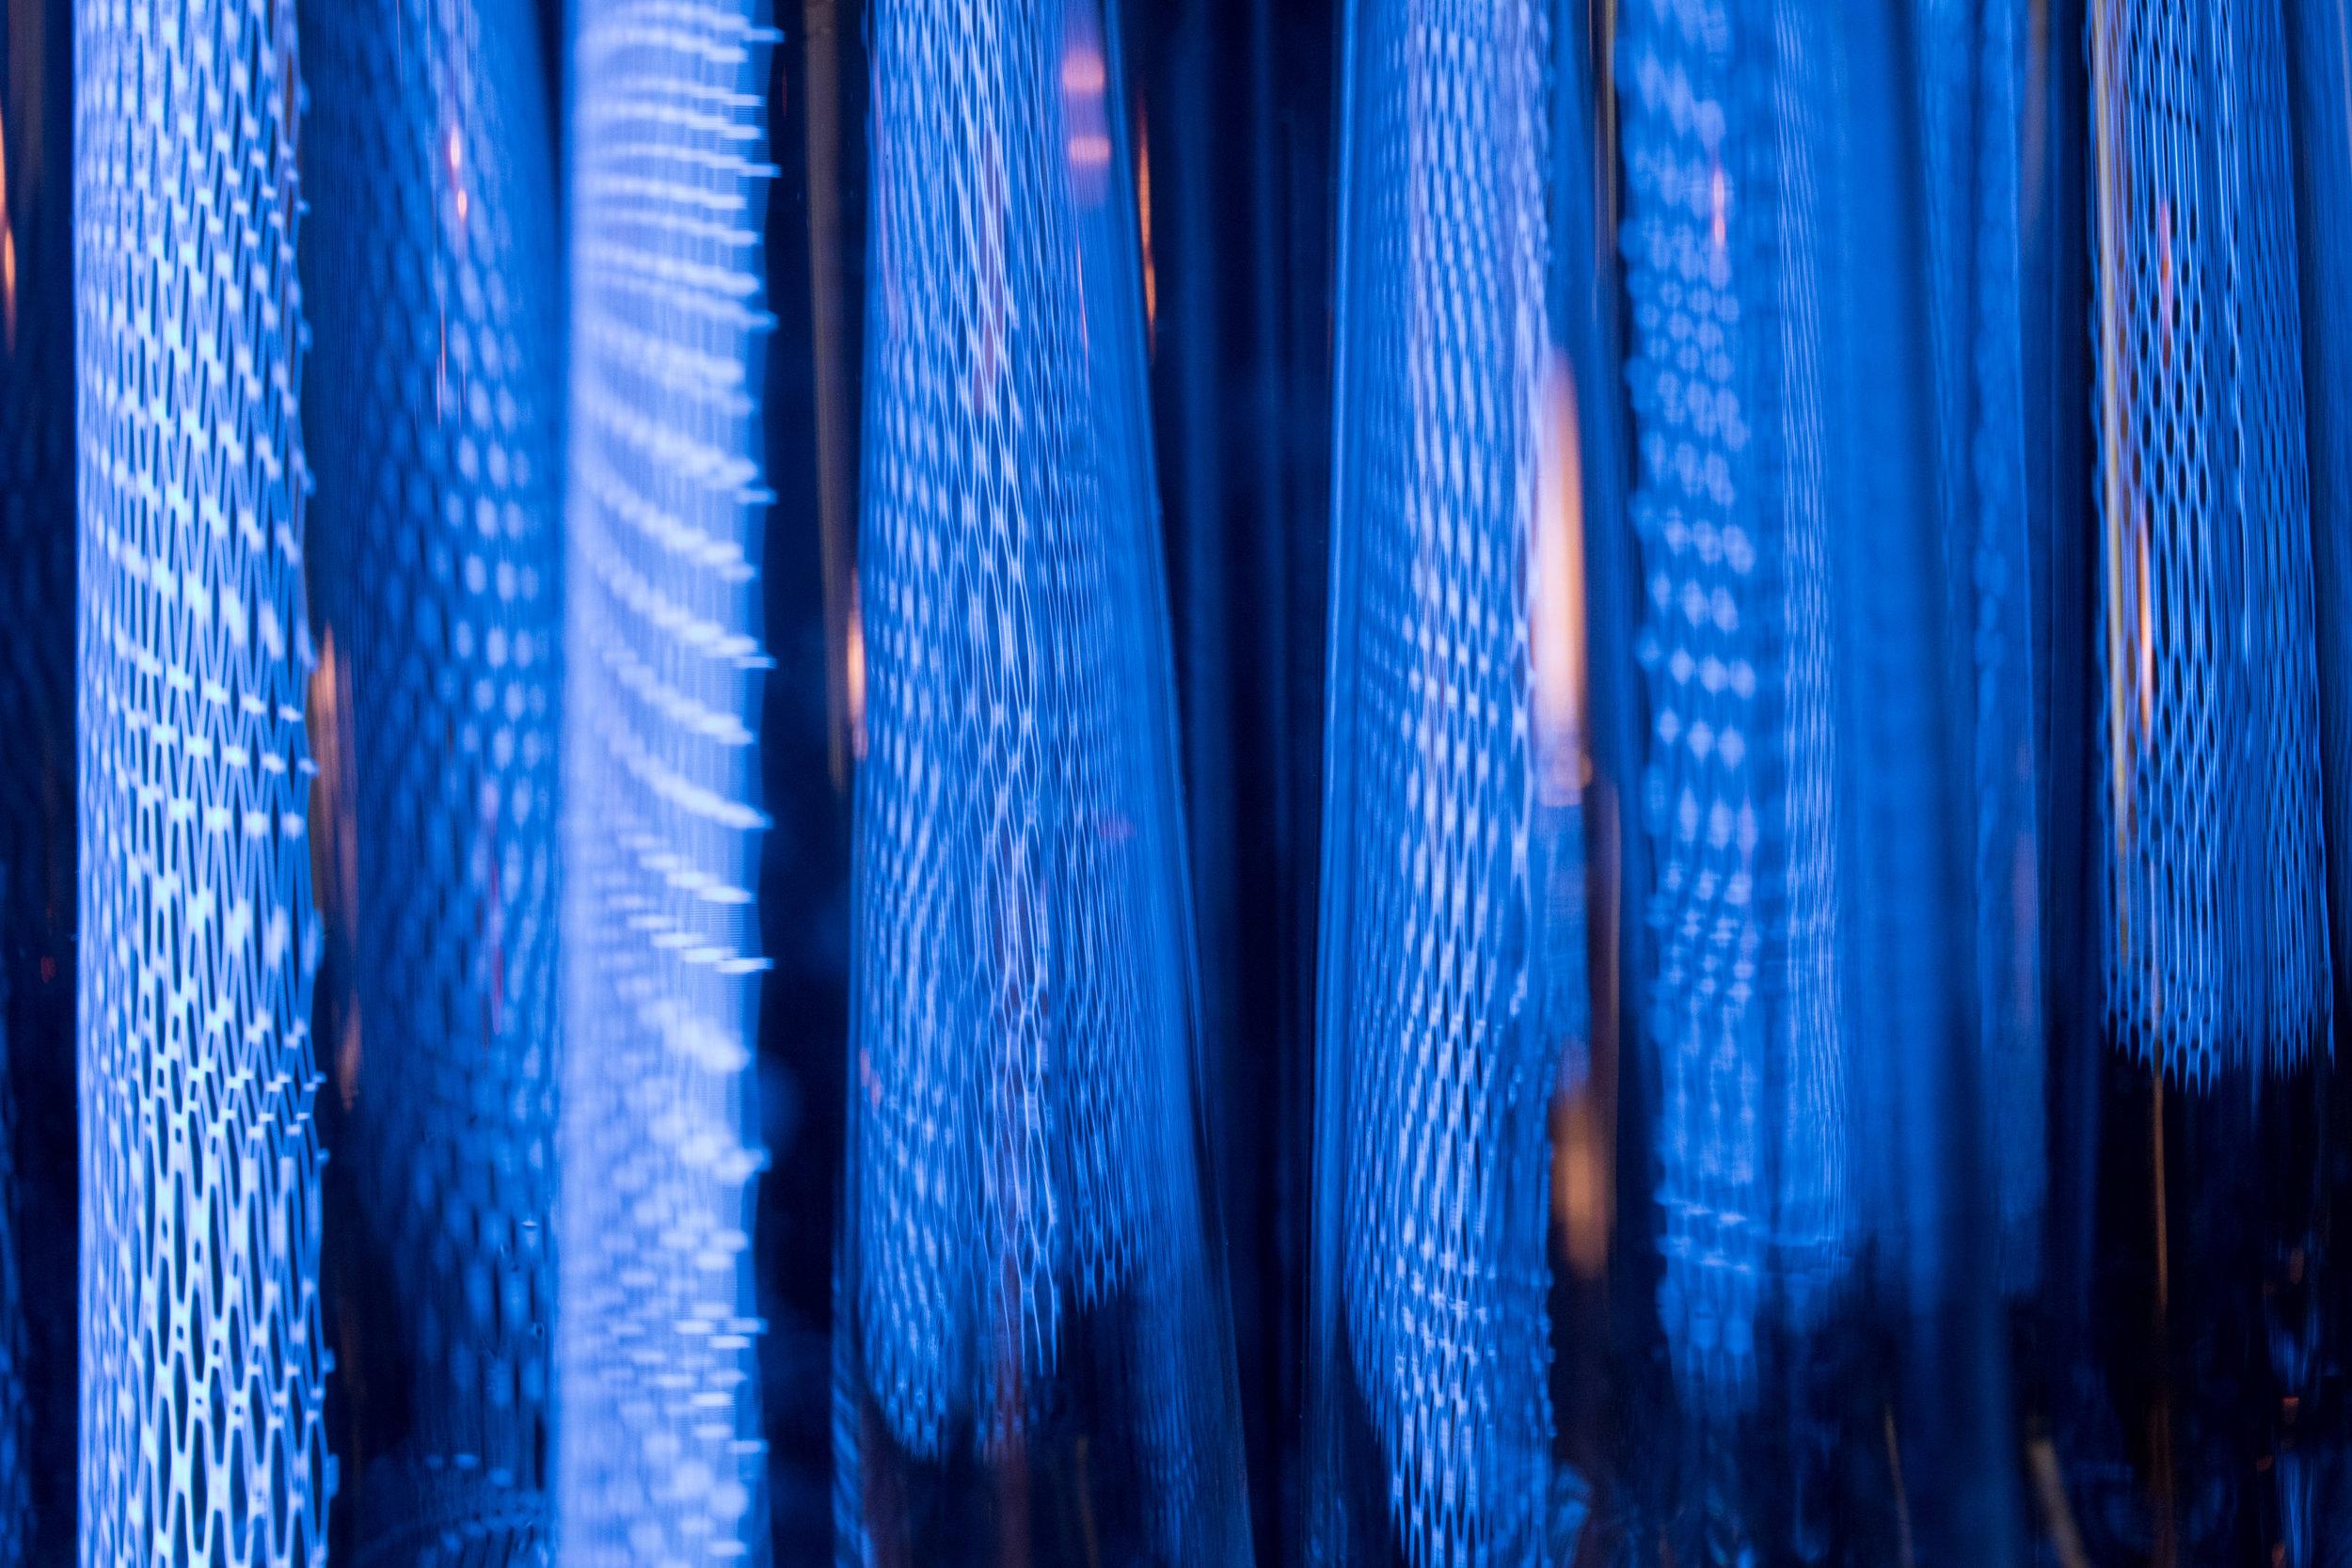 Simply Blue 2 - Copy.jpg